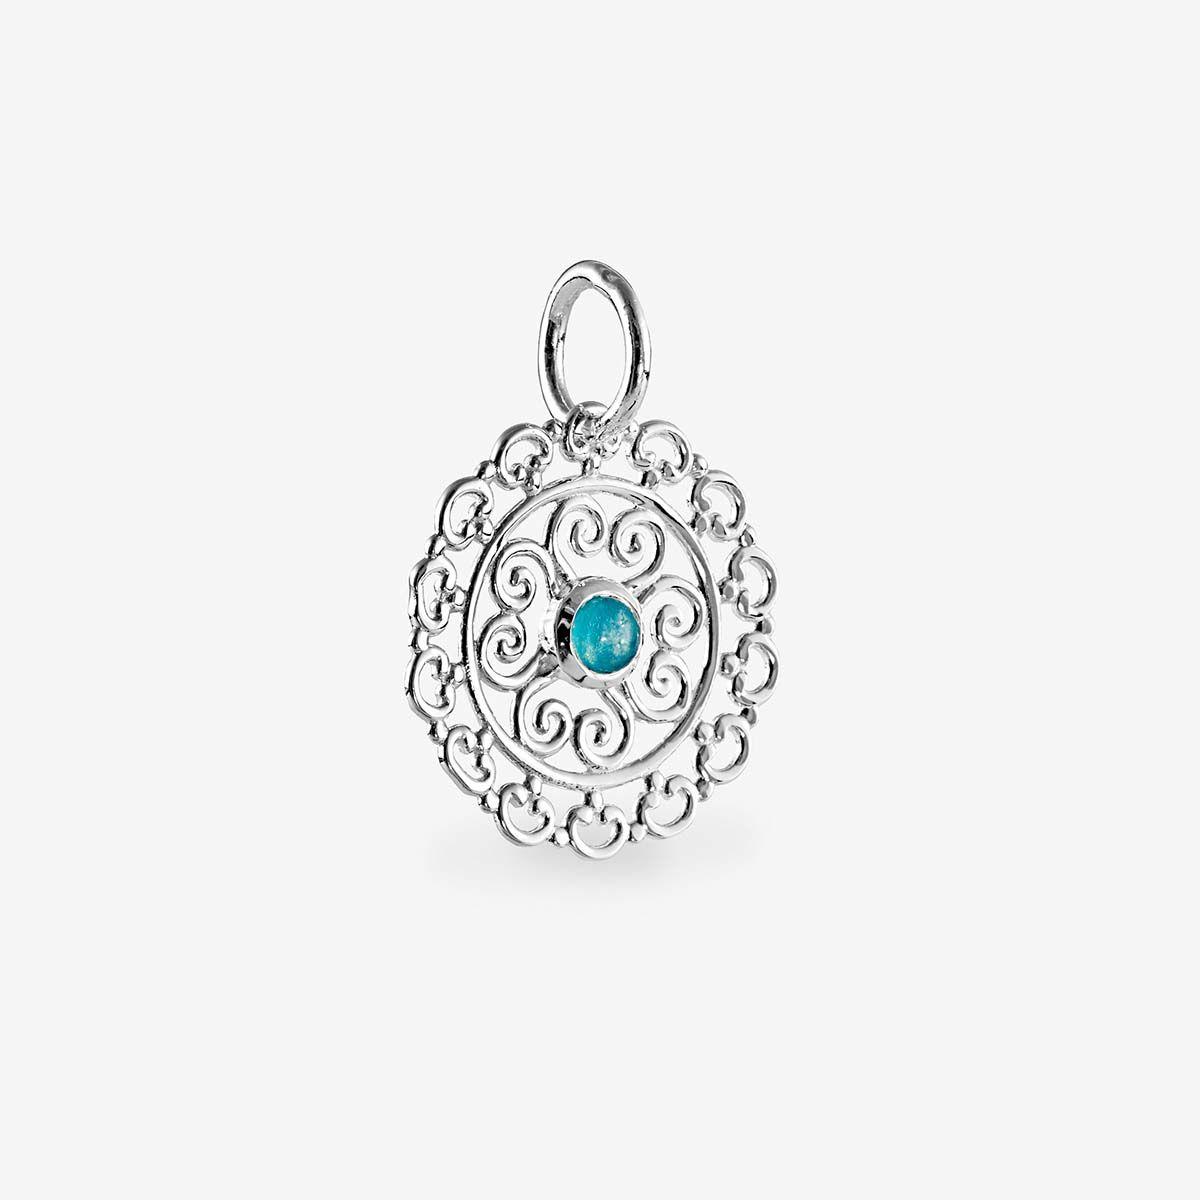 Blue quartz pendat - Kettenanhänger - Silber